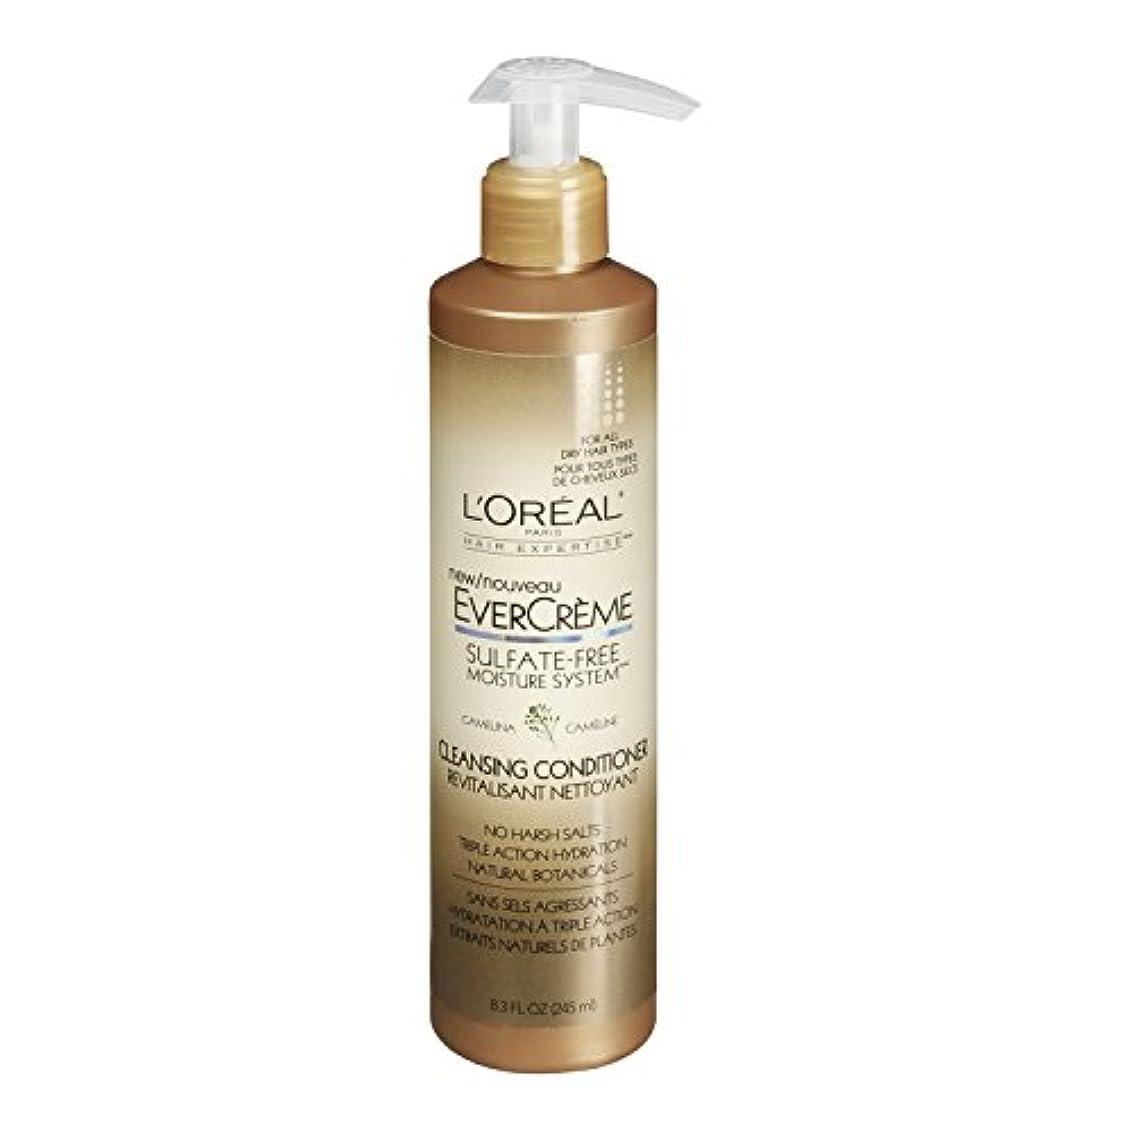 ナチュラル光沢のあるストロークL'Oreal Paris EverCreme Sulfate-Free Moisture System Cleansing Conditioner, 8.3 fl. Oz. by L'Oreal Paris Hair...